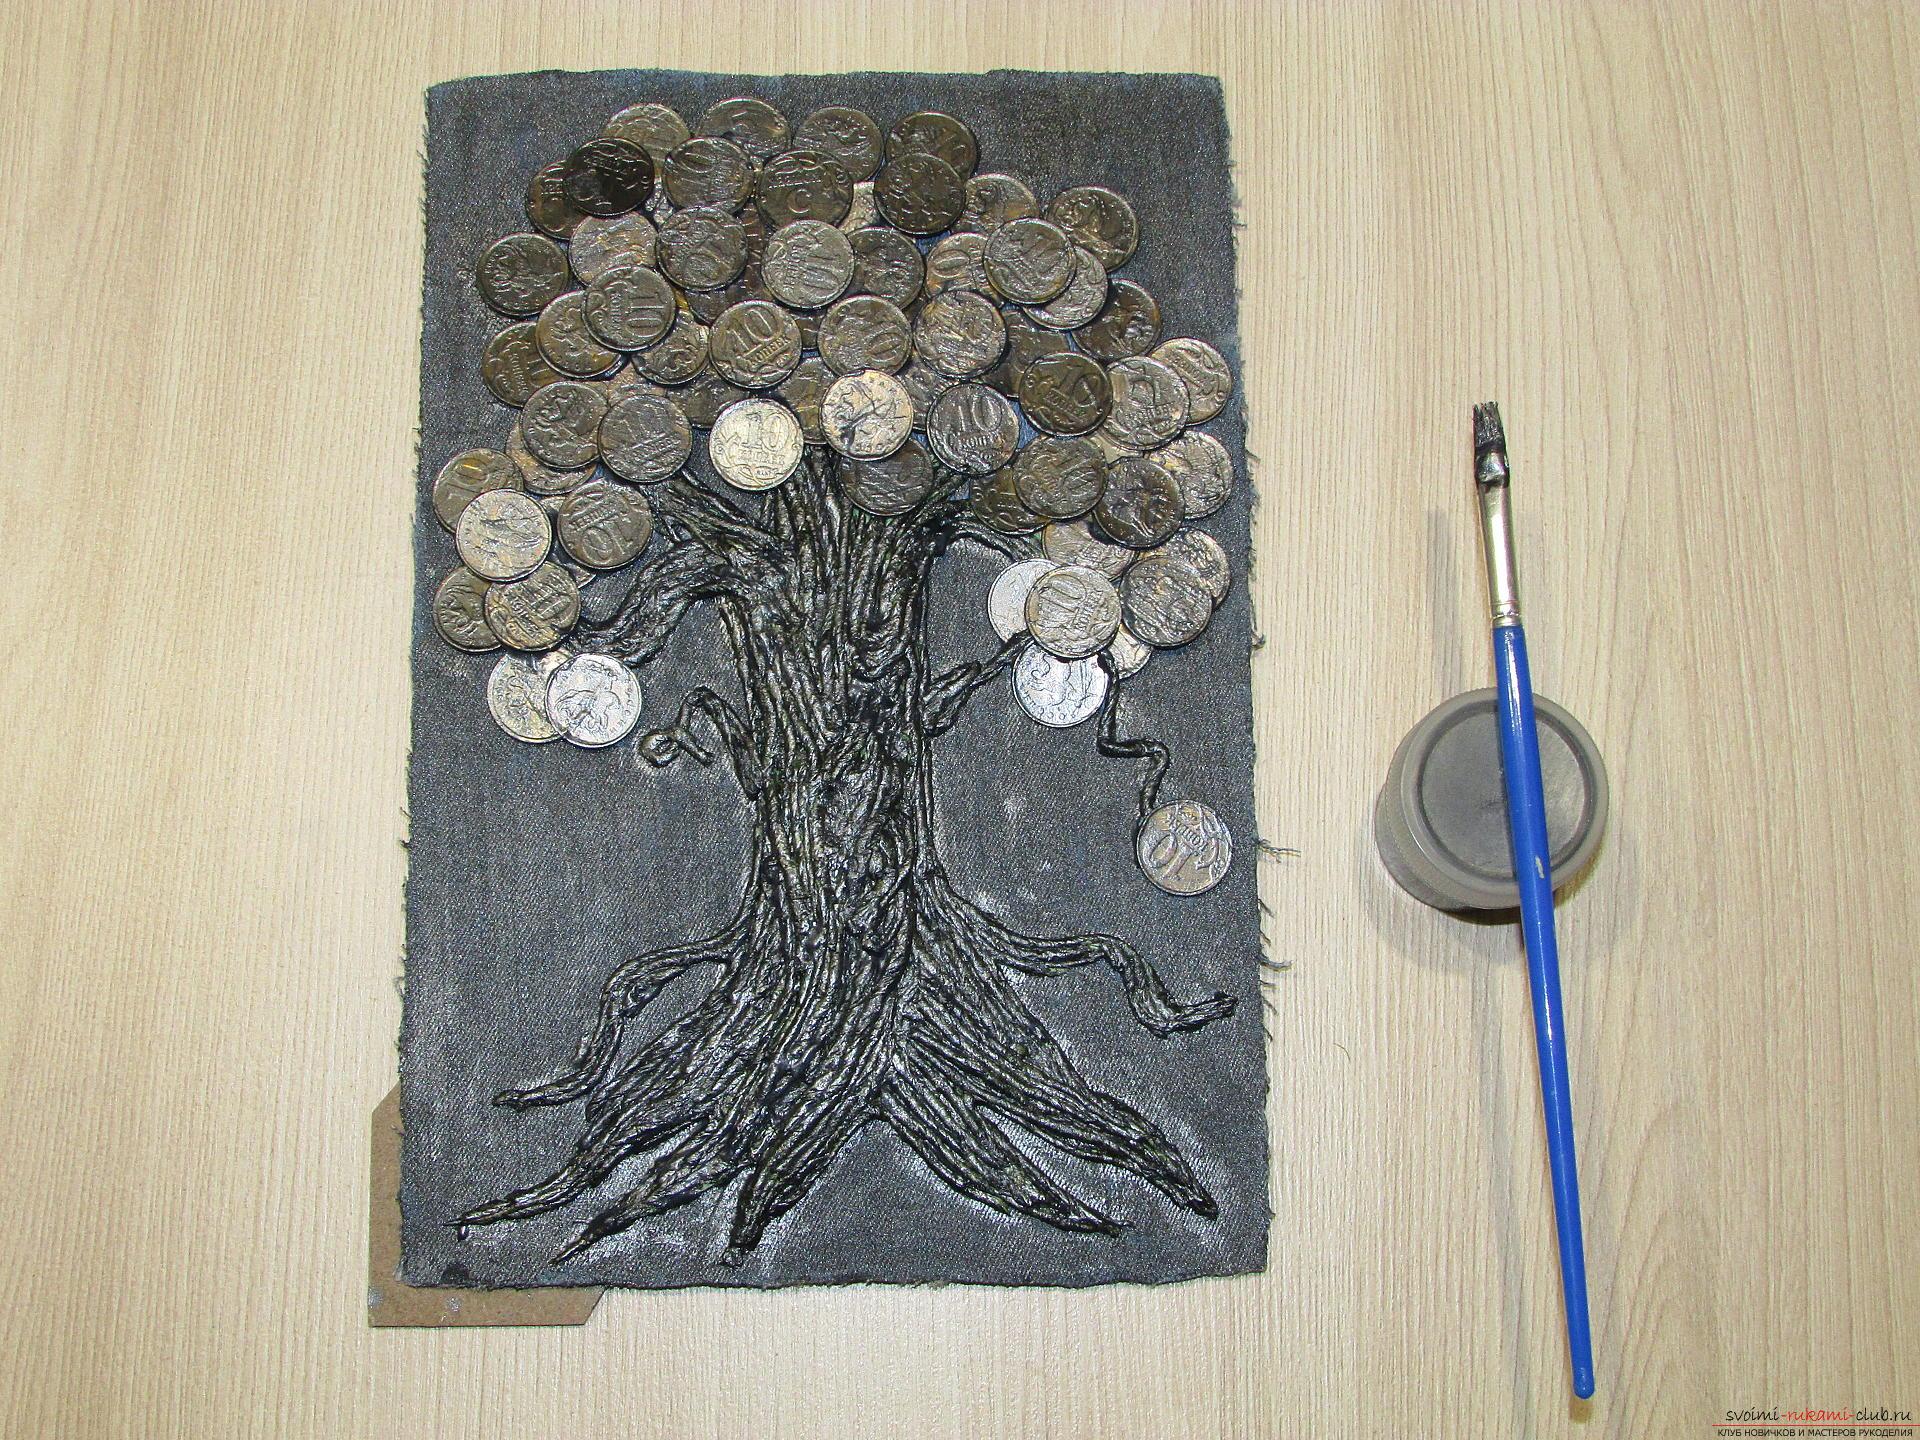 Мастер-класс покажет как сделать денежное дерево из монет своими руками.. Фото №12